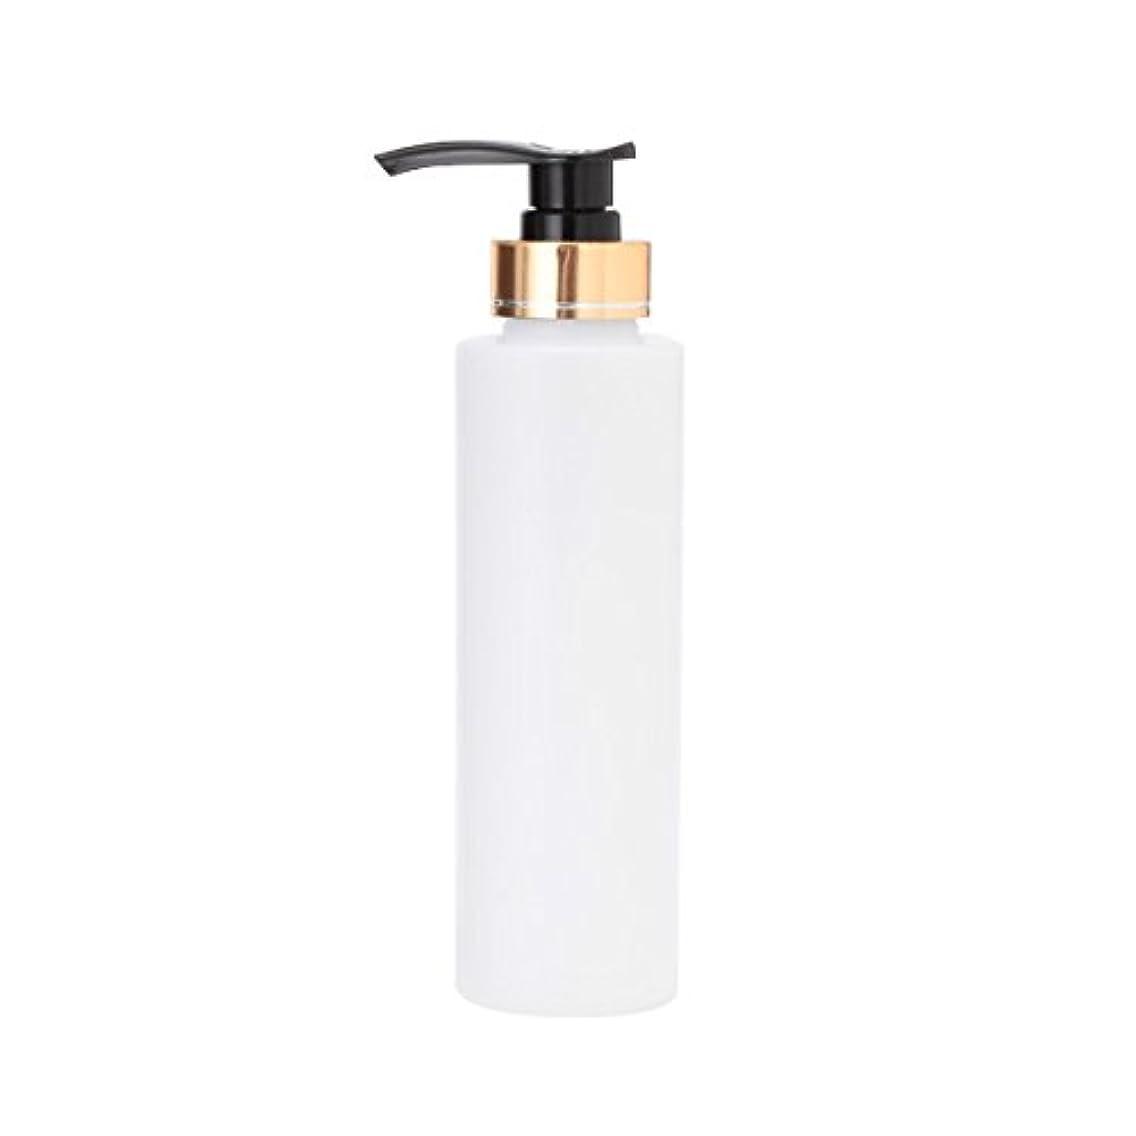 上級対称違うマッサージオイルウォーマー ポンプボトル [ オイルウォーマー オイルトリートメント オイルボトル マッサージオイル アロママッサージオイル ボディマッサージオイル ボディオイル アロマオイル ]